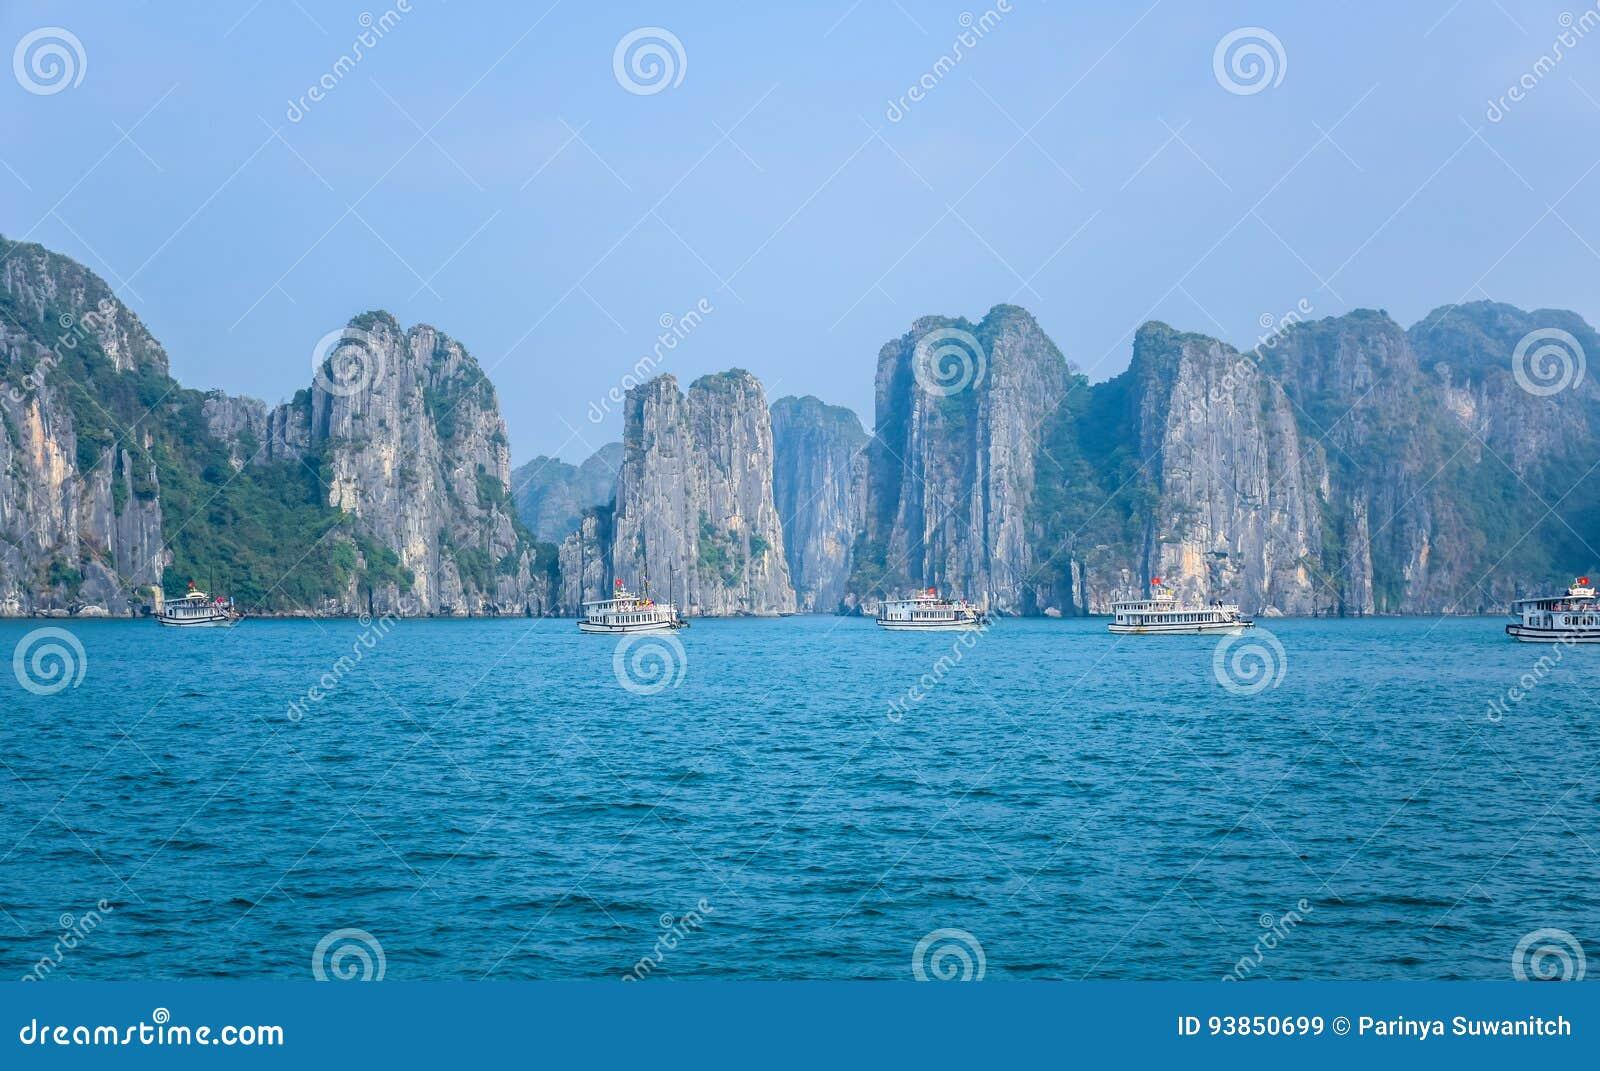 Όμορφη άποψη του μακριού κόλπου εκταρίου, ένας πολύ δημοφιλής προορισμός ταξιδιού στην επαρχία Quang Ninh, βορειοανατολικό Βιετνά